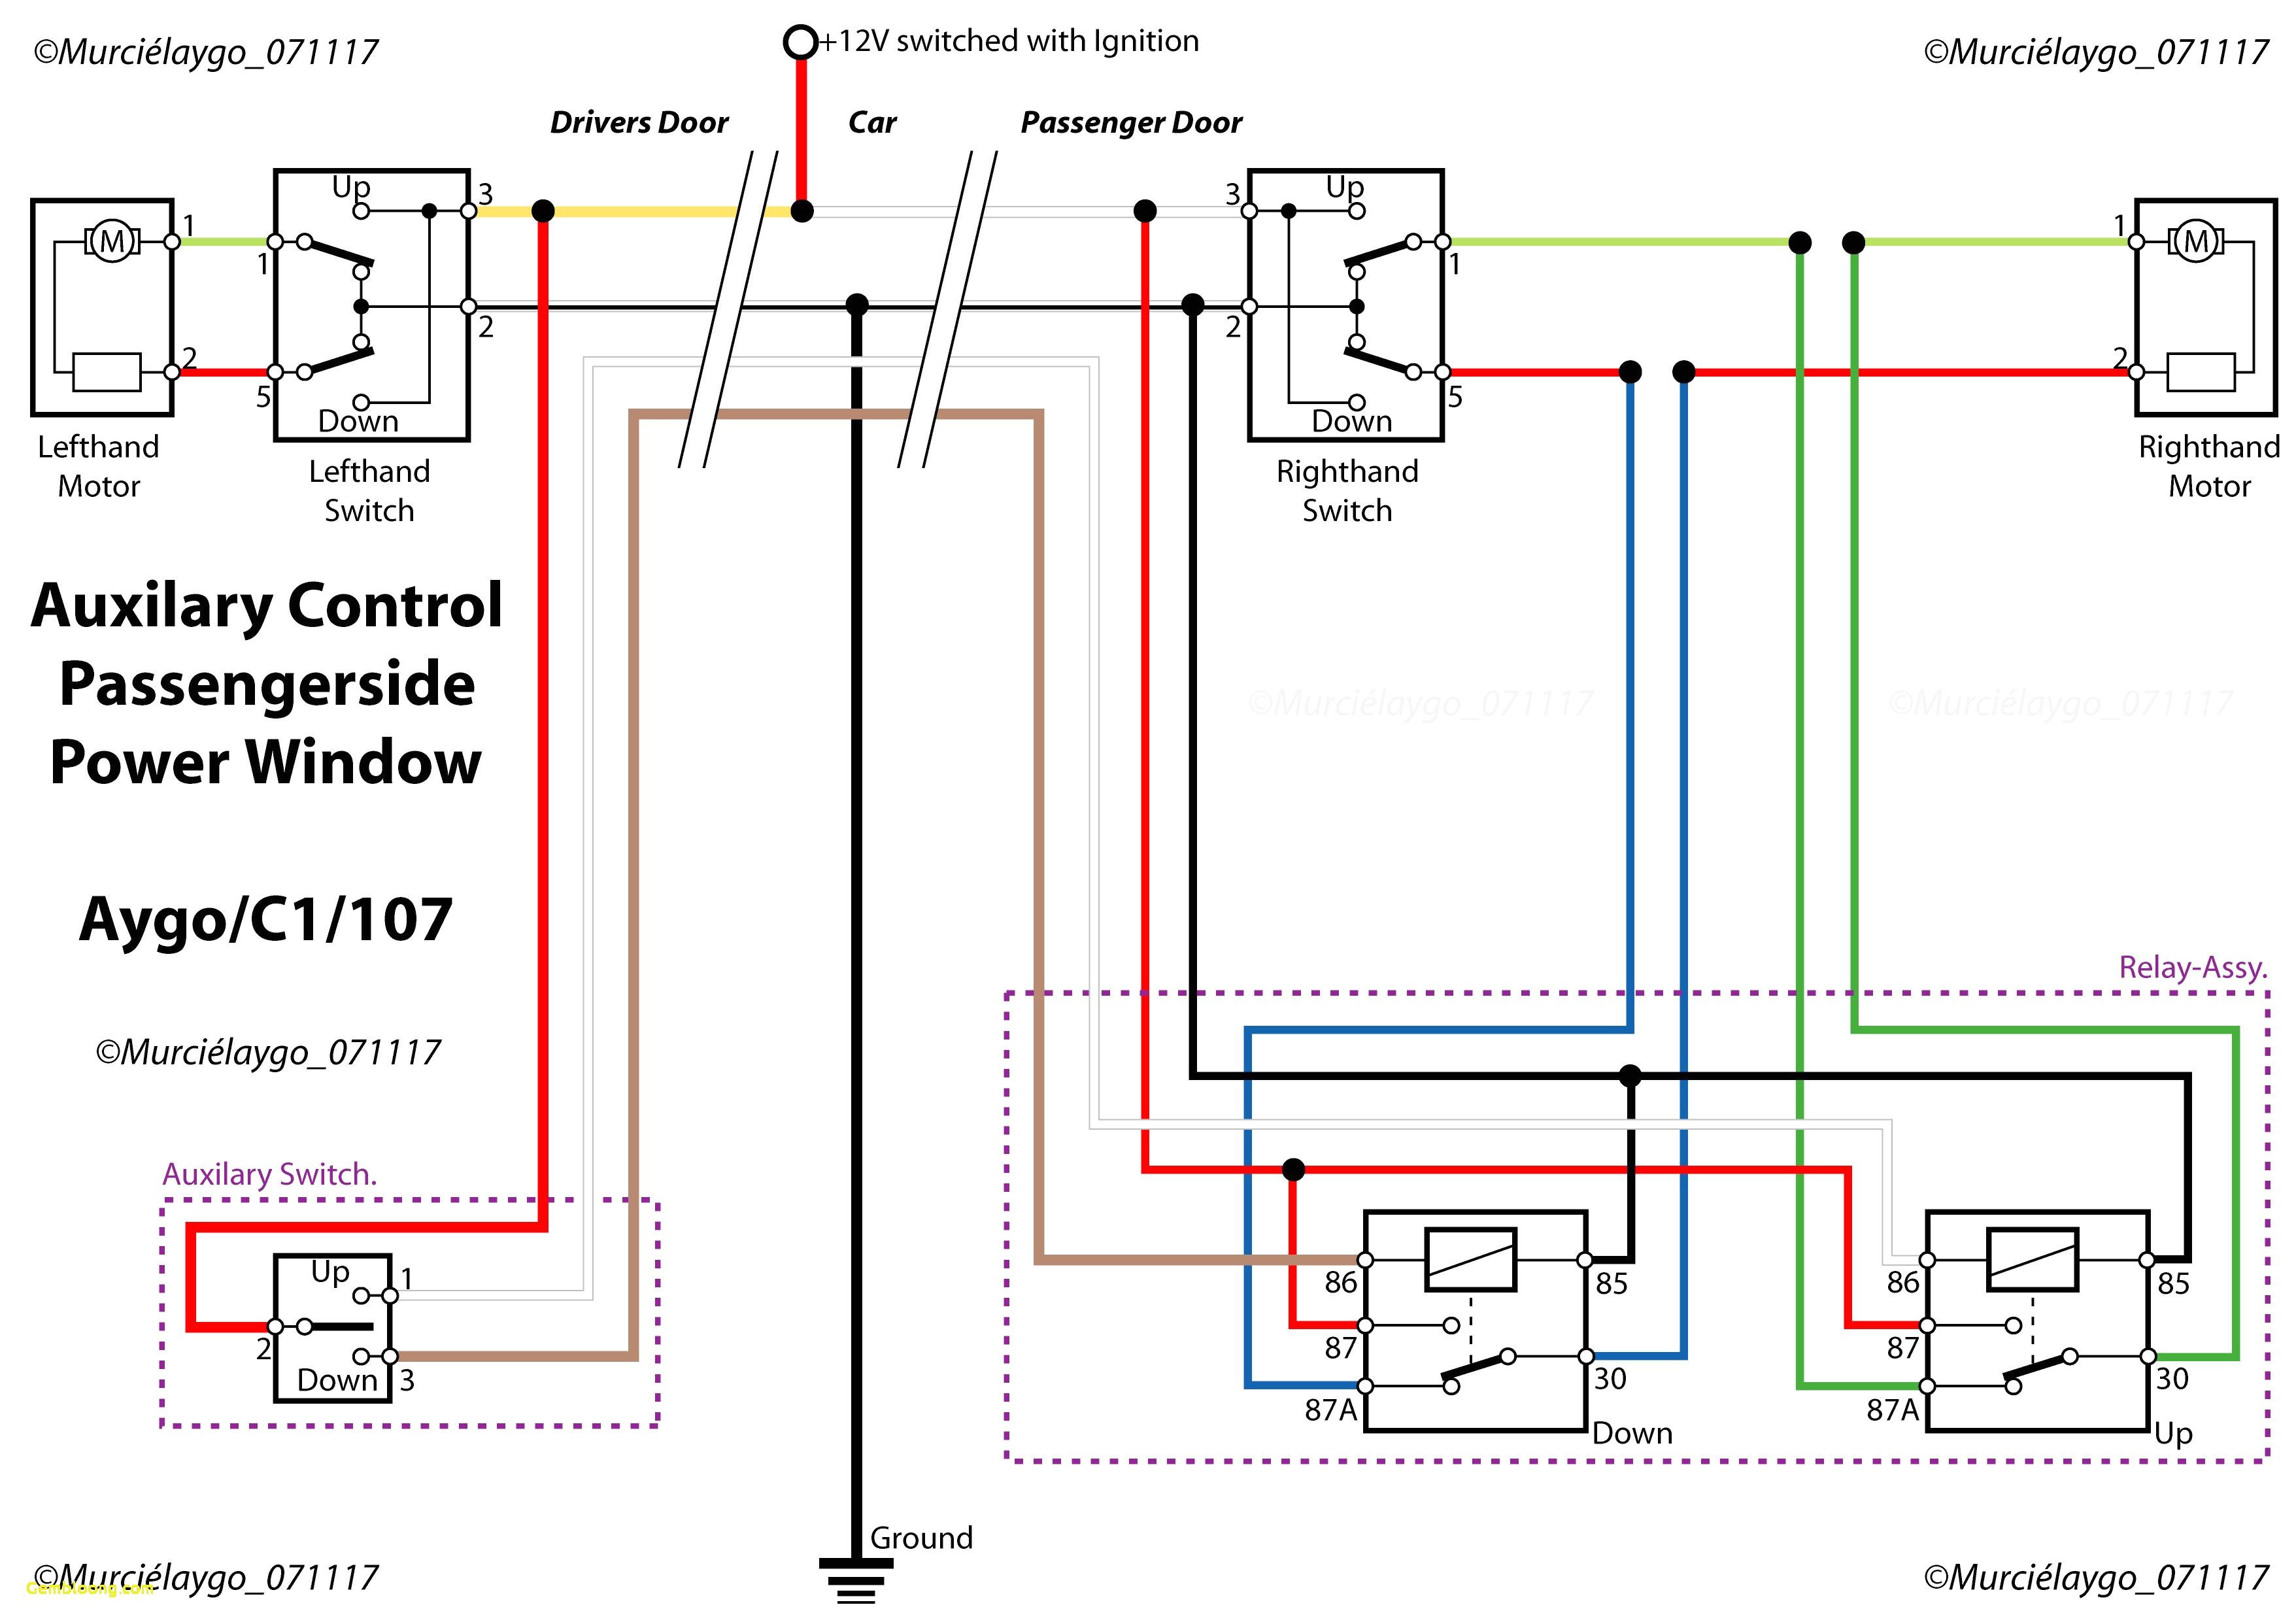 renault grand scenic obd renault circuit diagrams blog wiring diagram mix renault wiring diagrams wiring diagram